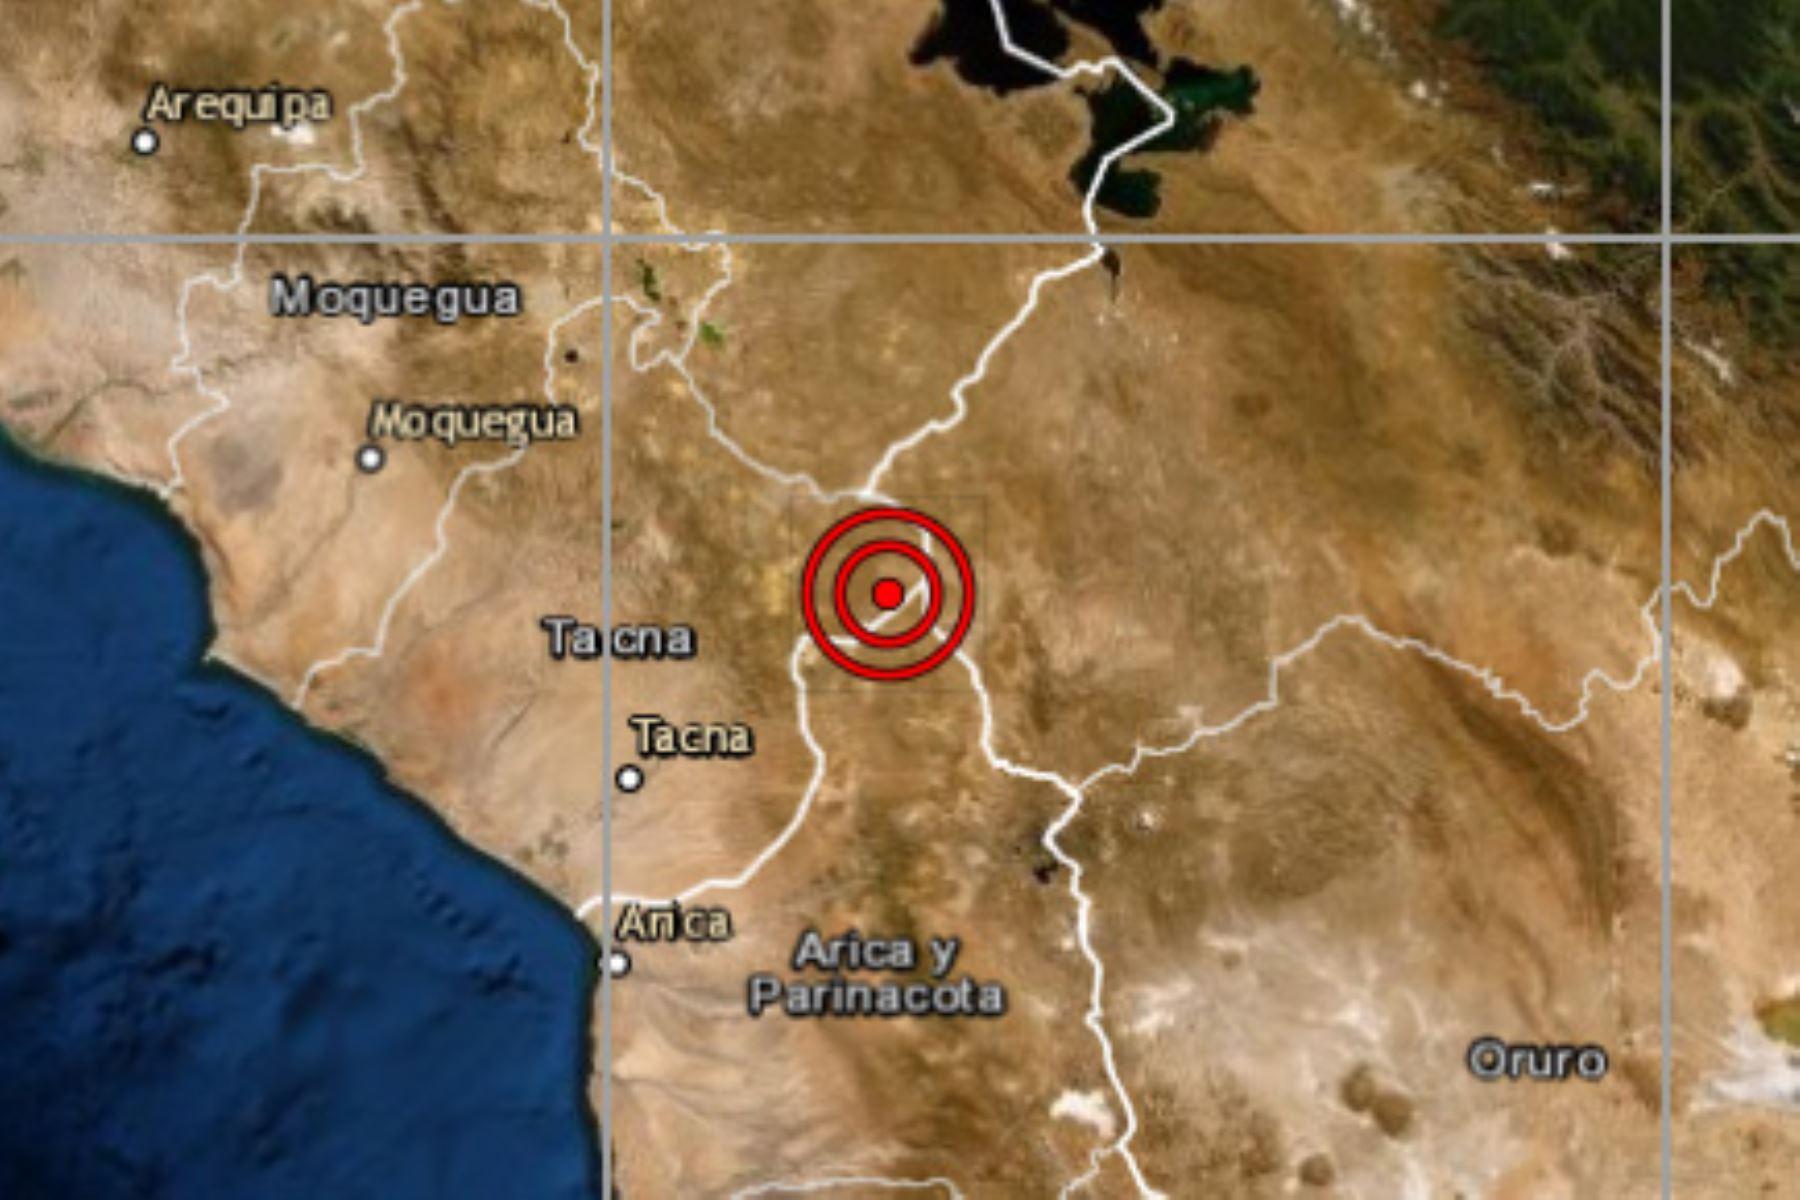 Las autoridades de Defensa Civil no han reportado, hasta el momento, daños personales ni materiales por el sismo de magnitud 4.2 en Puno.